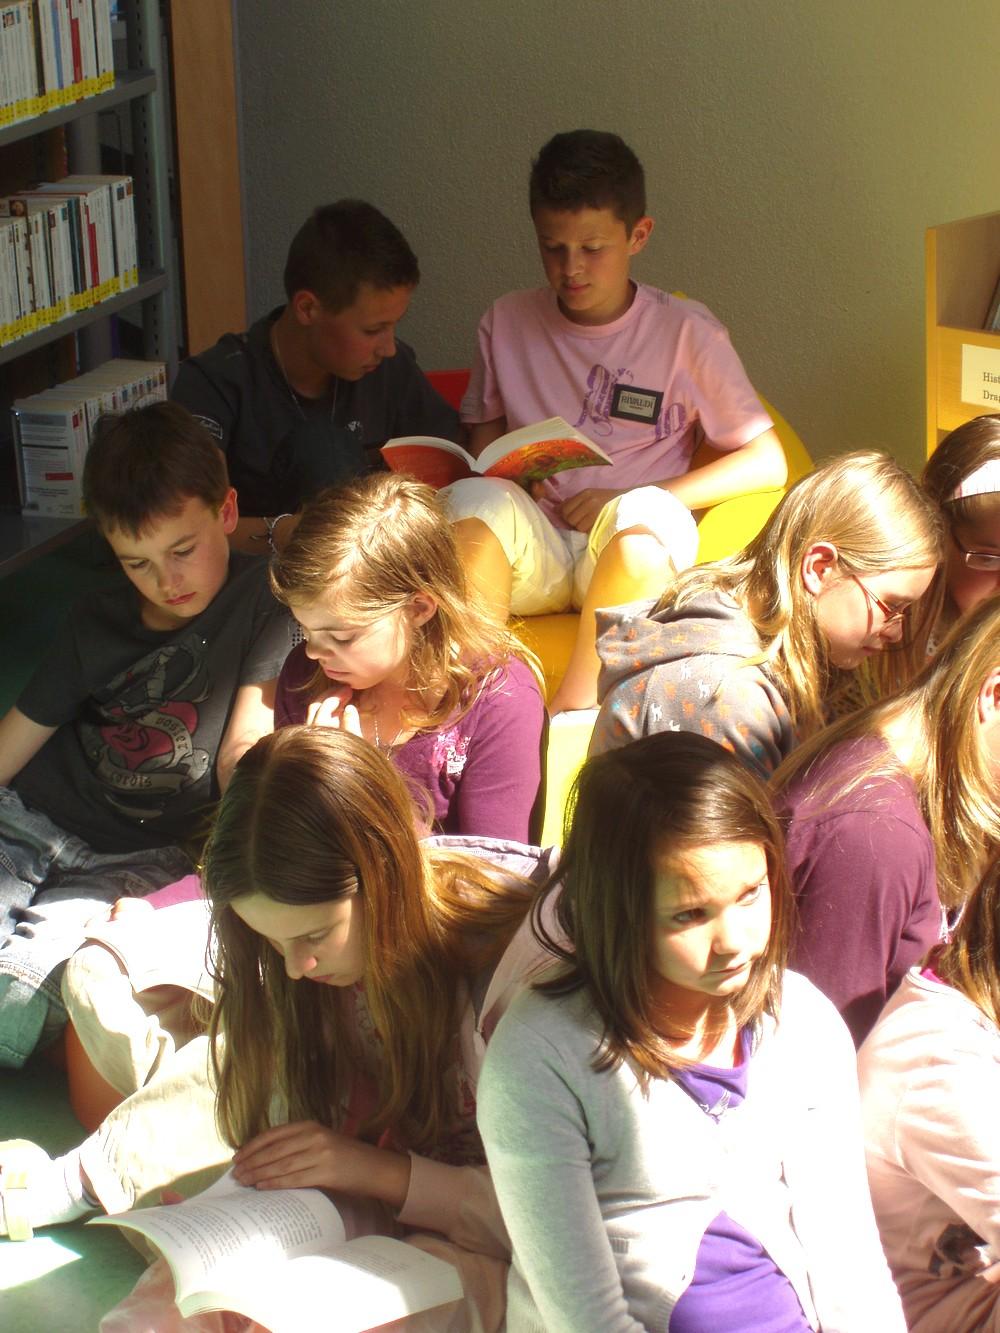 Le groupe est très attentif pendant la lecture